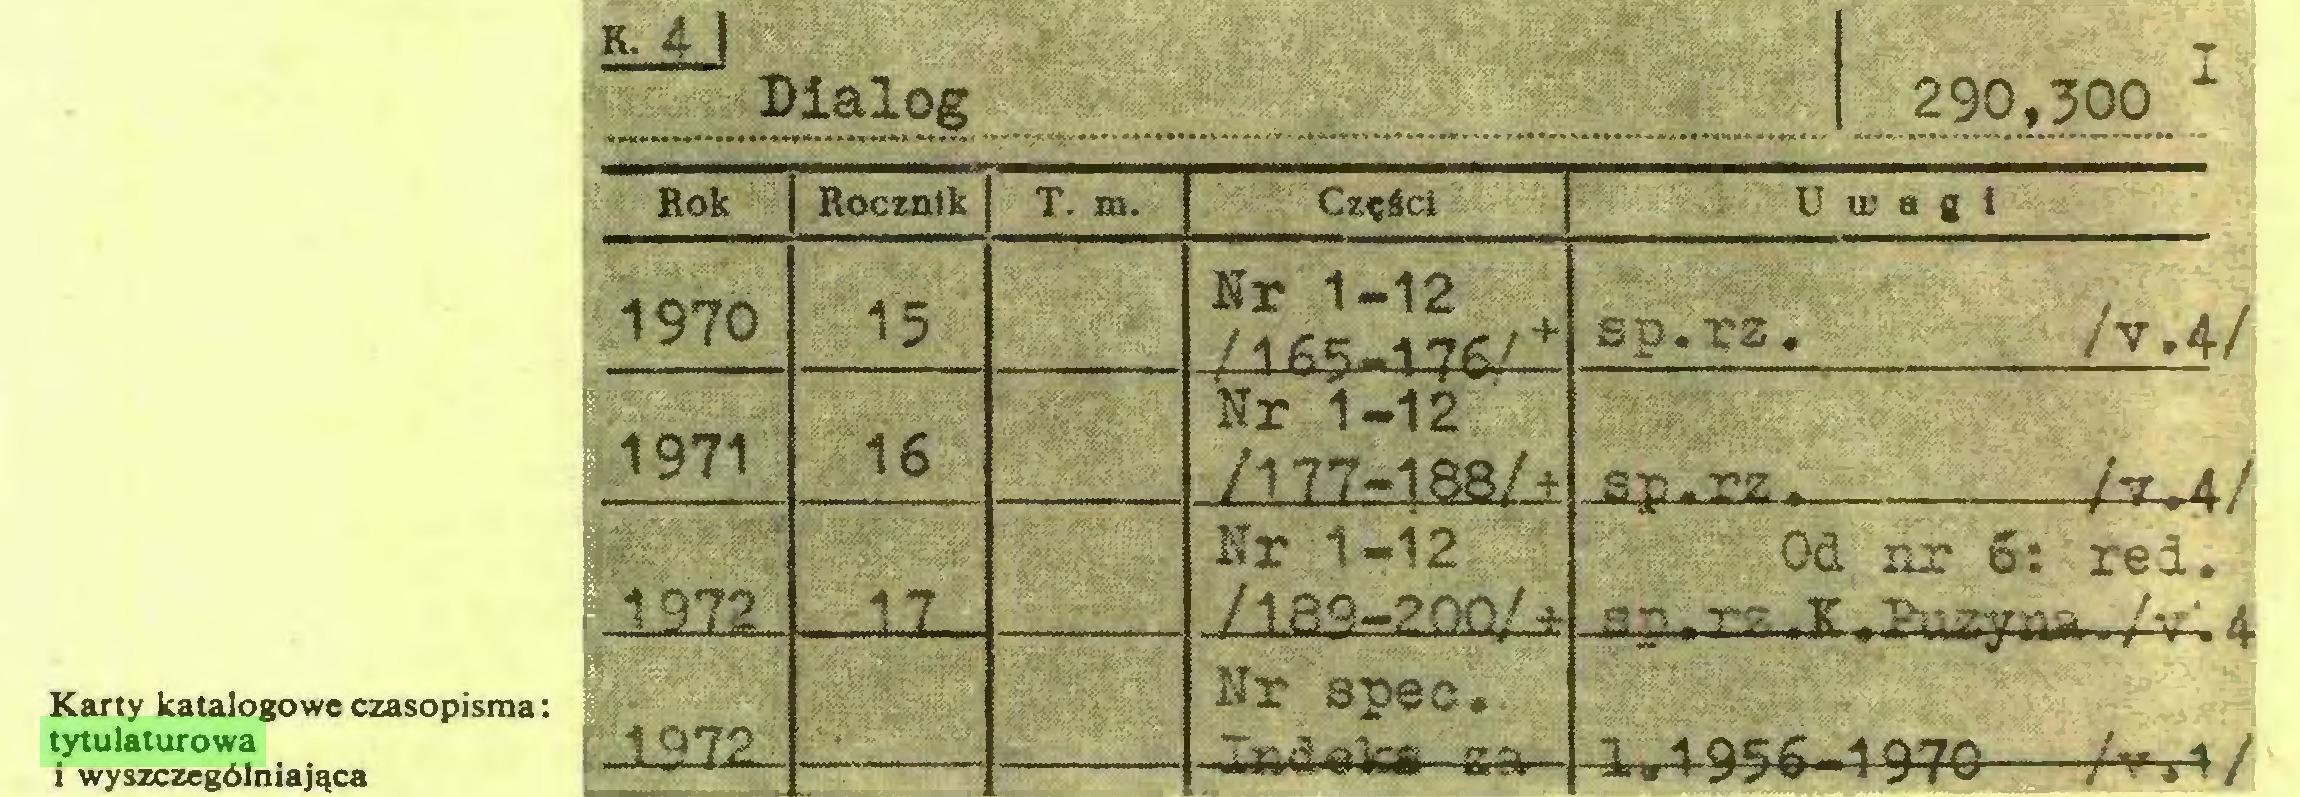 (...) Karty katalogowe czasopisma: tytulaturowa i wyszczególniająca Dialog 290,300 1 Rok Rocznik T. m. Części Uuiagi 1970 15 Nr 1-12 ' ^ . • 71 76/.'** Bp.TZ. /V.4/ 1971...